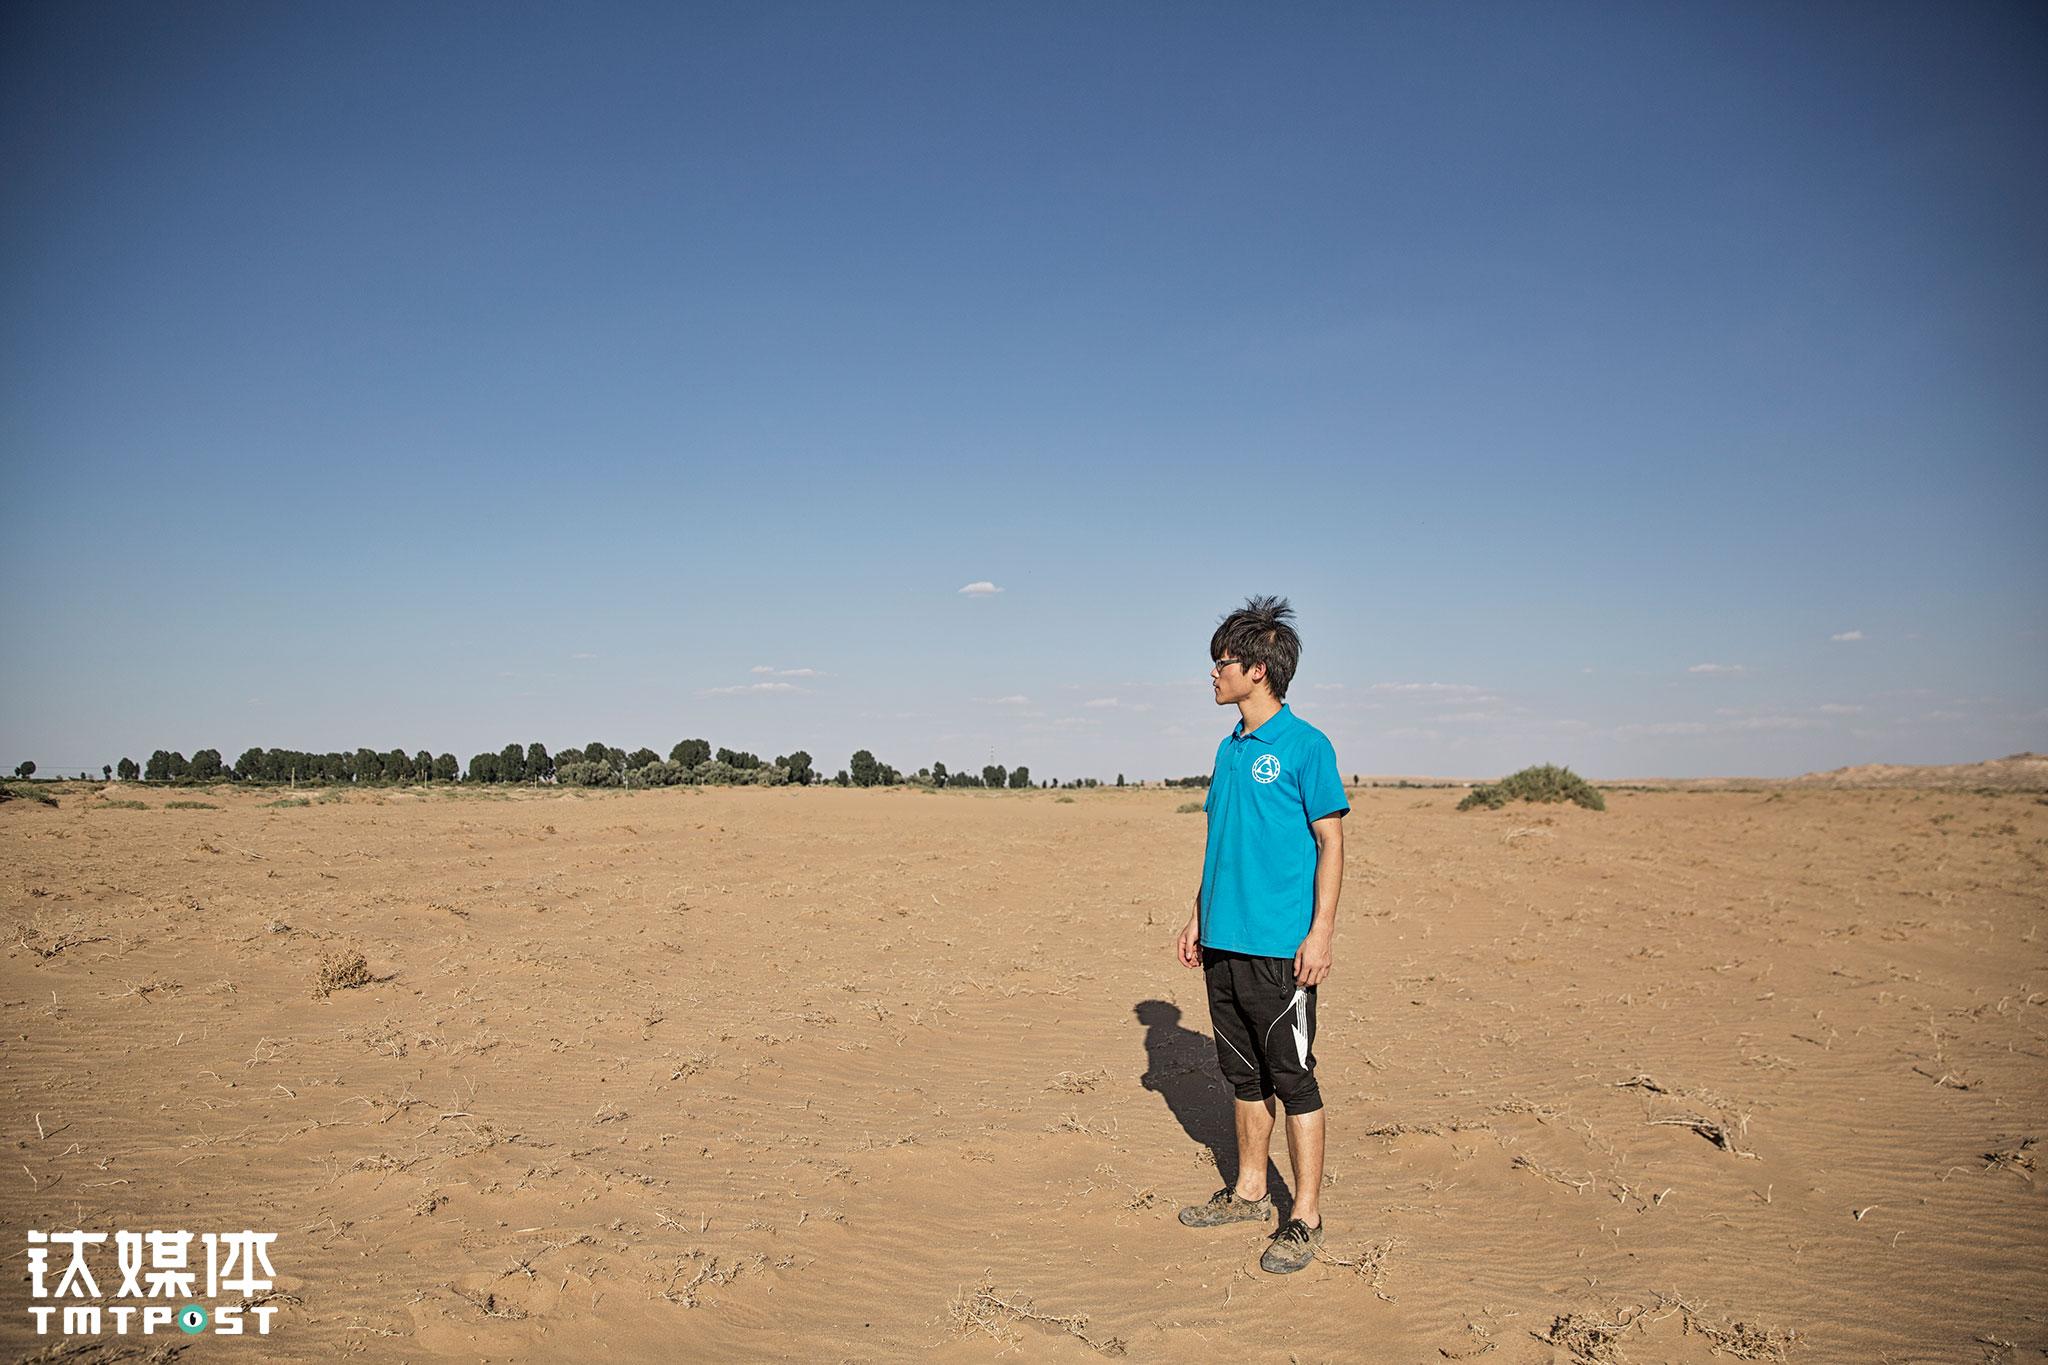 李生从小会在离家不到1公里的腾格里沙漠玩耍,也跟小伙伴提着水到沙漠边植过树。站在腾格里沙漠的边缘看着自己从小长大的村庄,他对于沙漠化也有自己的担忧。家乡的年轻人本来就都外流了,如果环境恶化,谁还会愿意回来发展呢。李生的父亲一直都告诉两个儿子,自己老了一定不会离开这个村子,哪怕孩子在城市定居,他也不会去,对李生来说,他也担心父亲想要安享晚年的地方变得不适合居住。